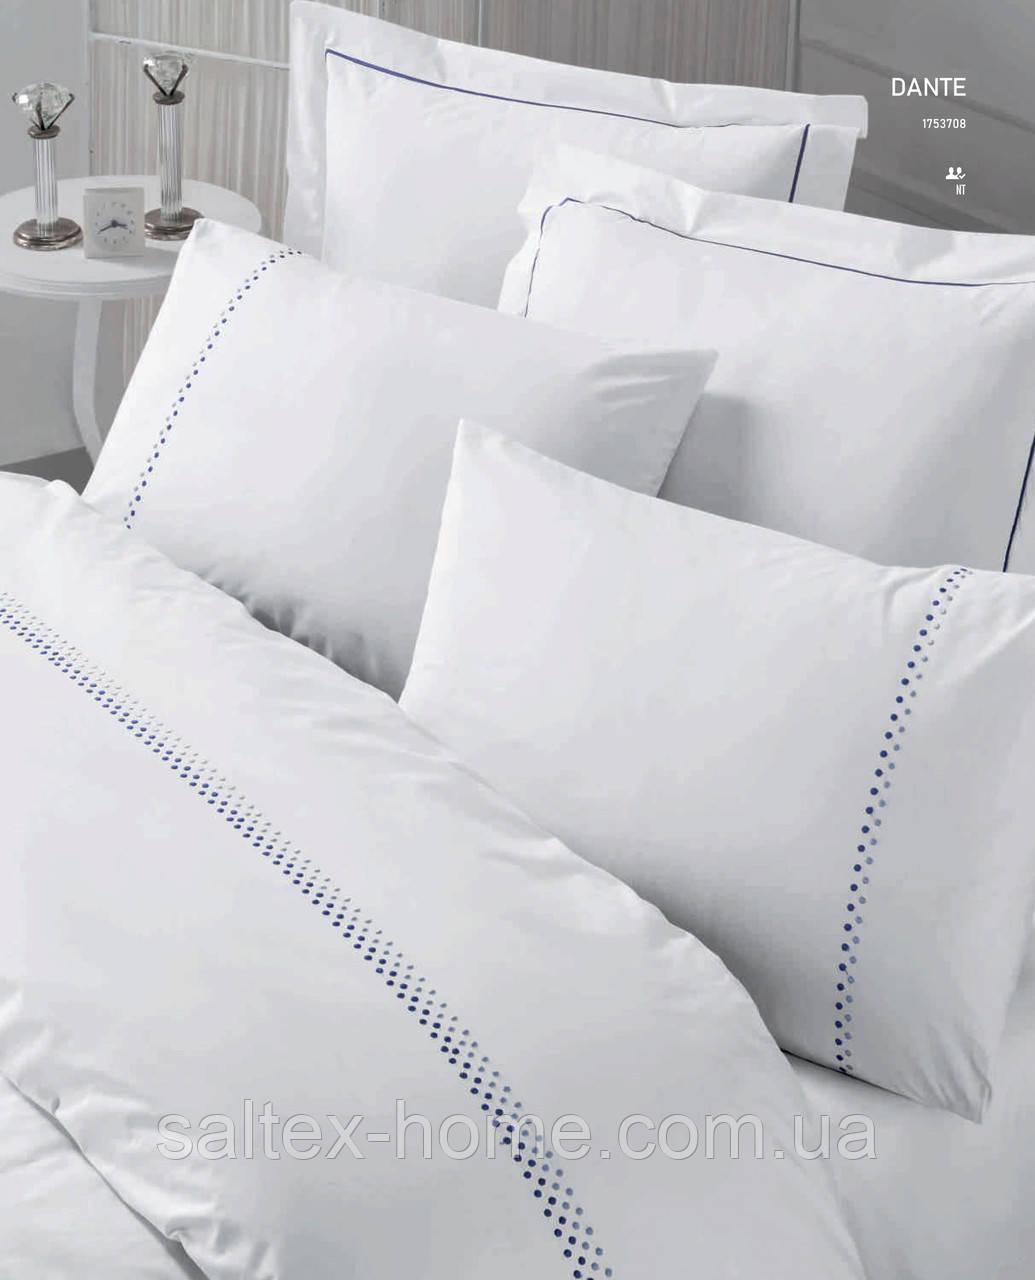 Двуспальный комплект постельного белья от Cotton Box с вышивкой